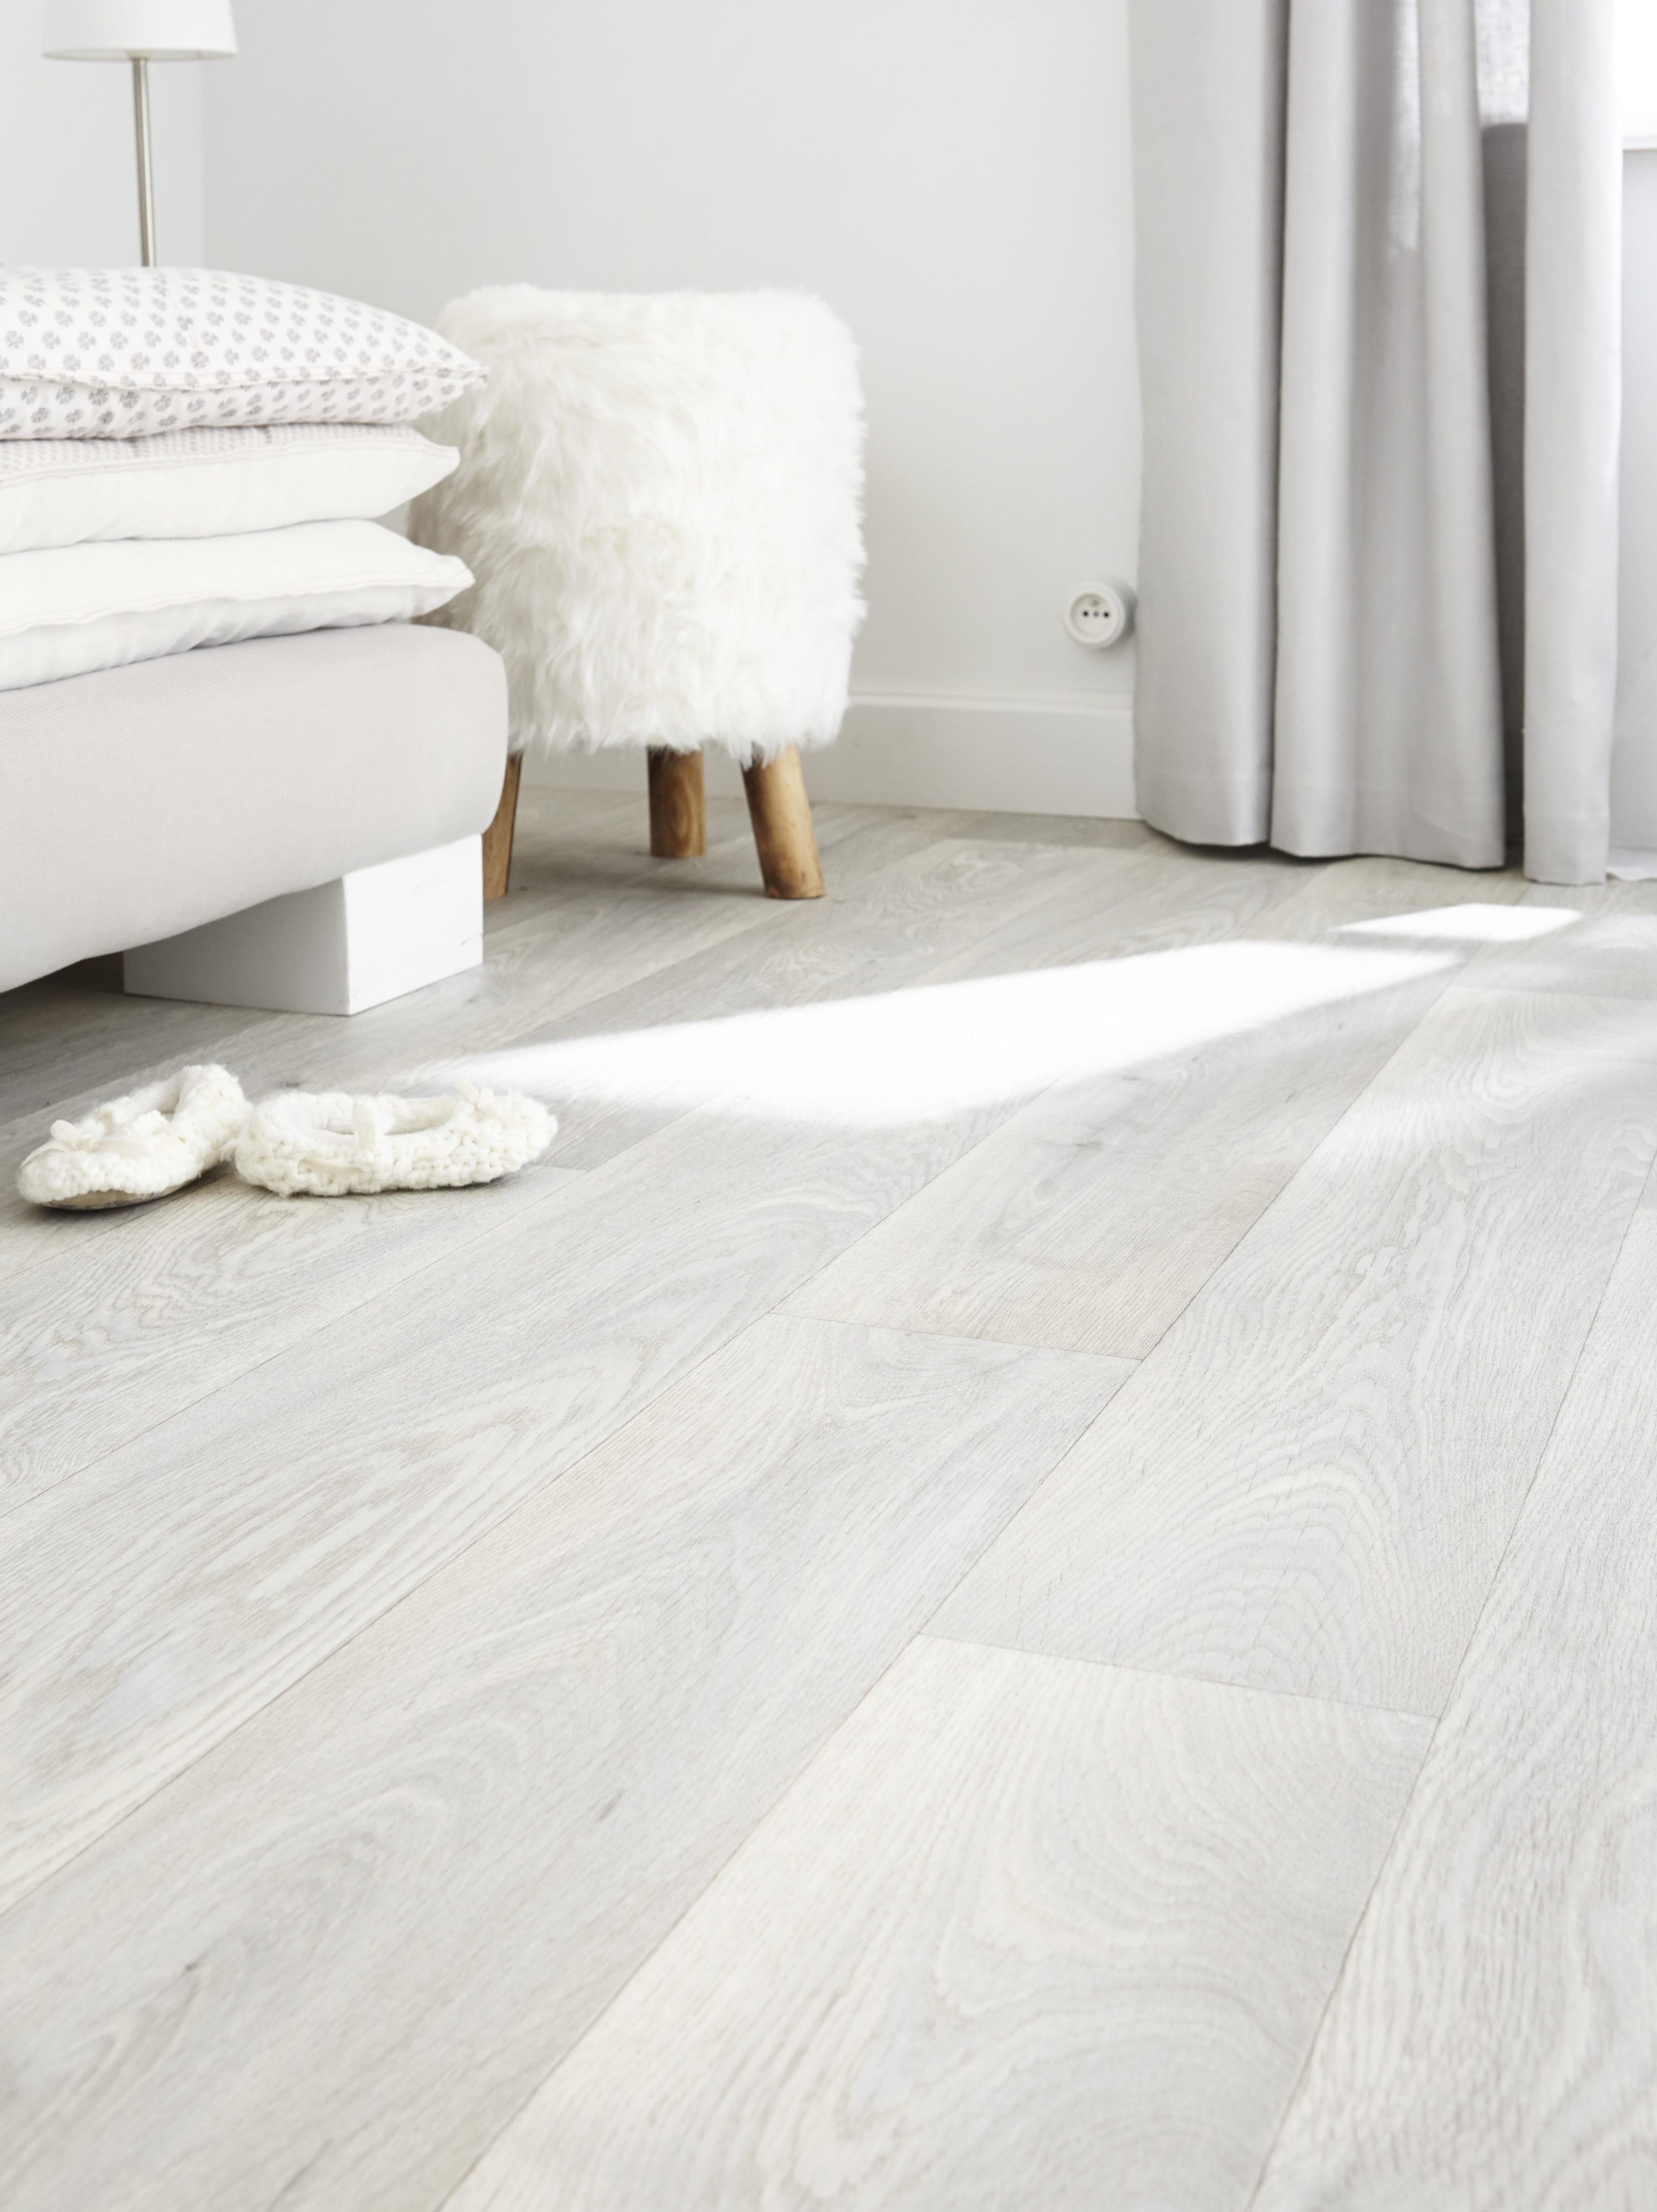 artens reflex sol vinyle bois blanchi chez leroy merlin leroy merlin - Sol Tarkett Leroy Merlin